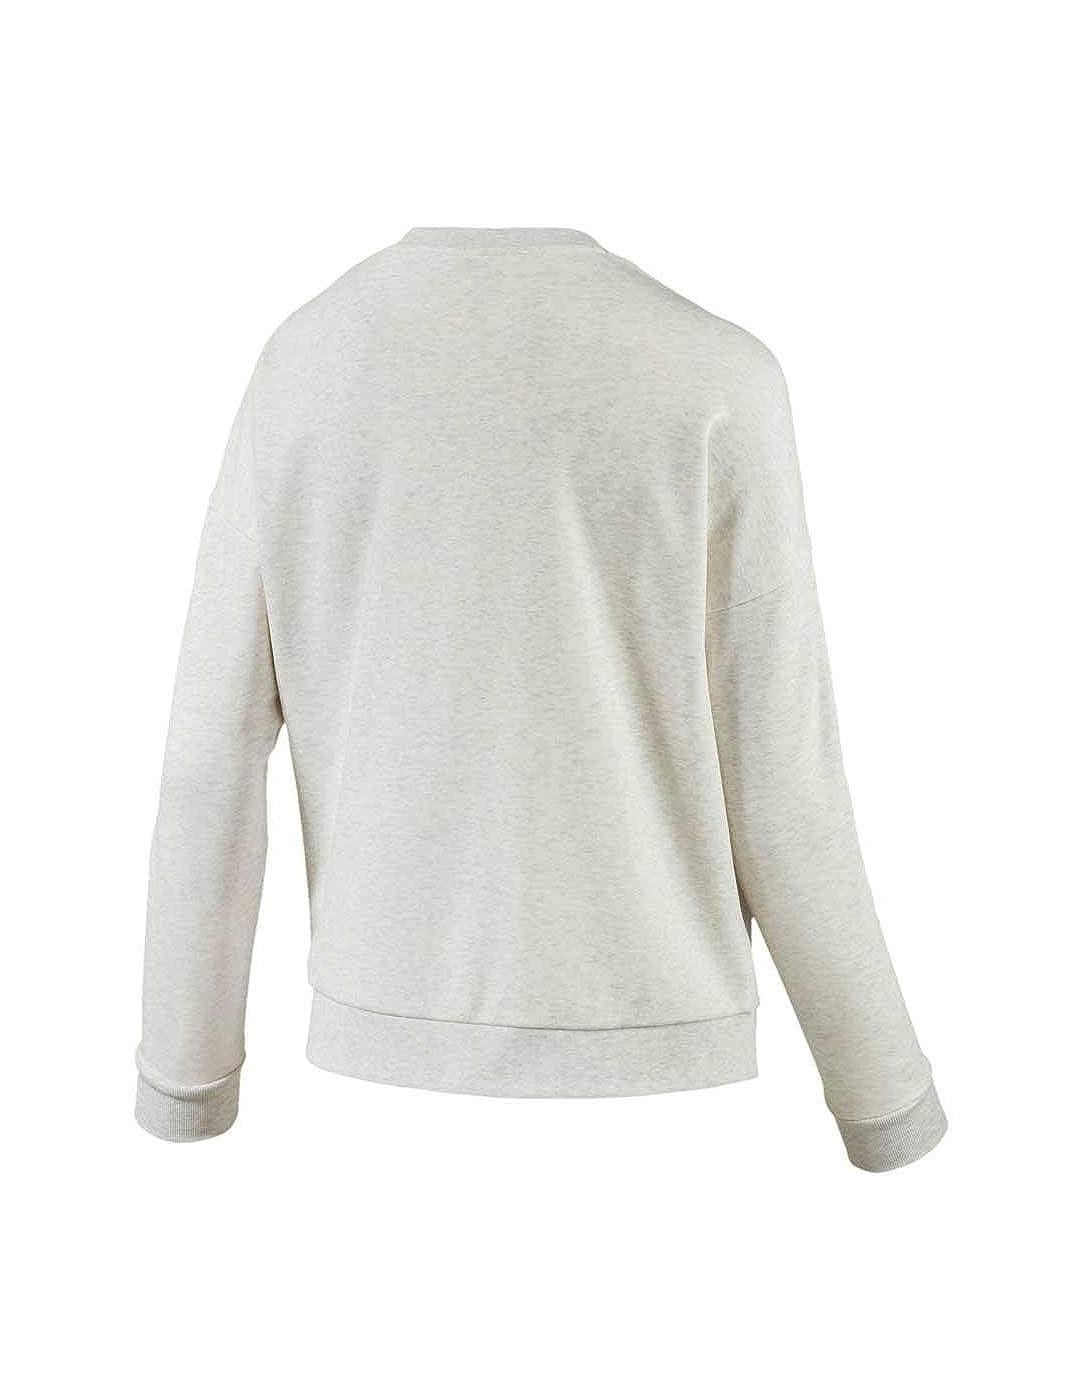 Puma Sweatshirt – Classic Logo Beige weiß Größe  M (Medium)